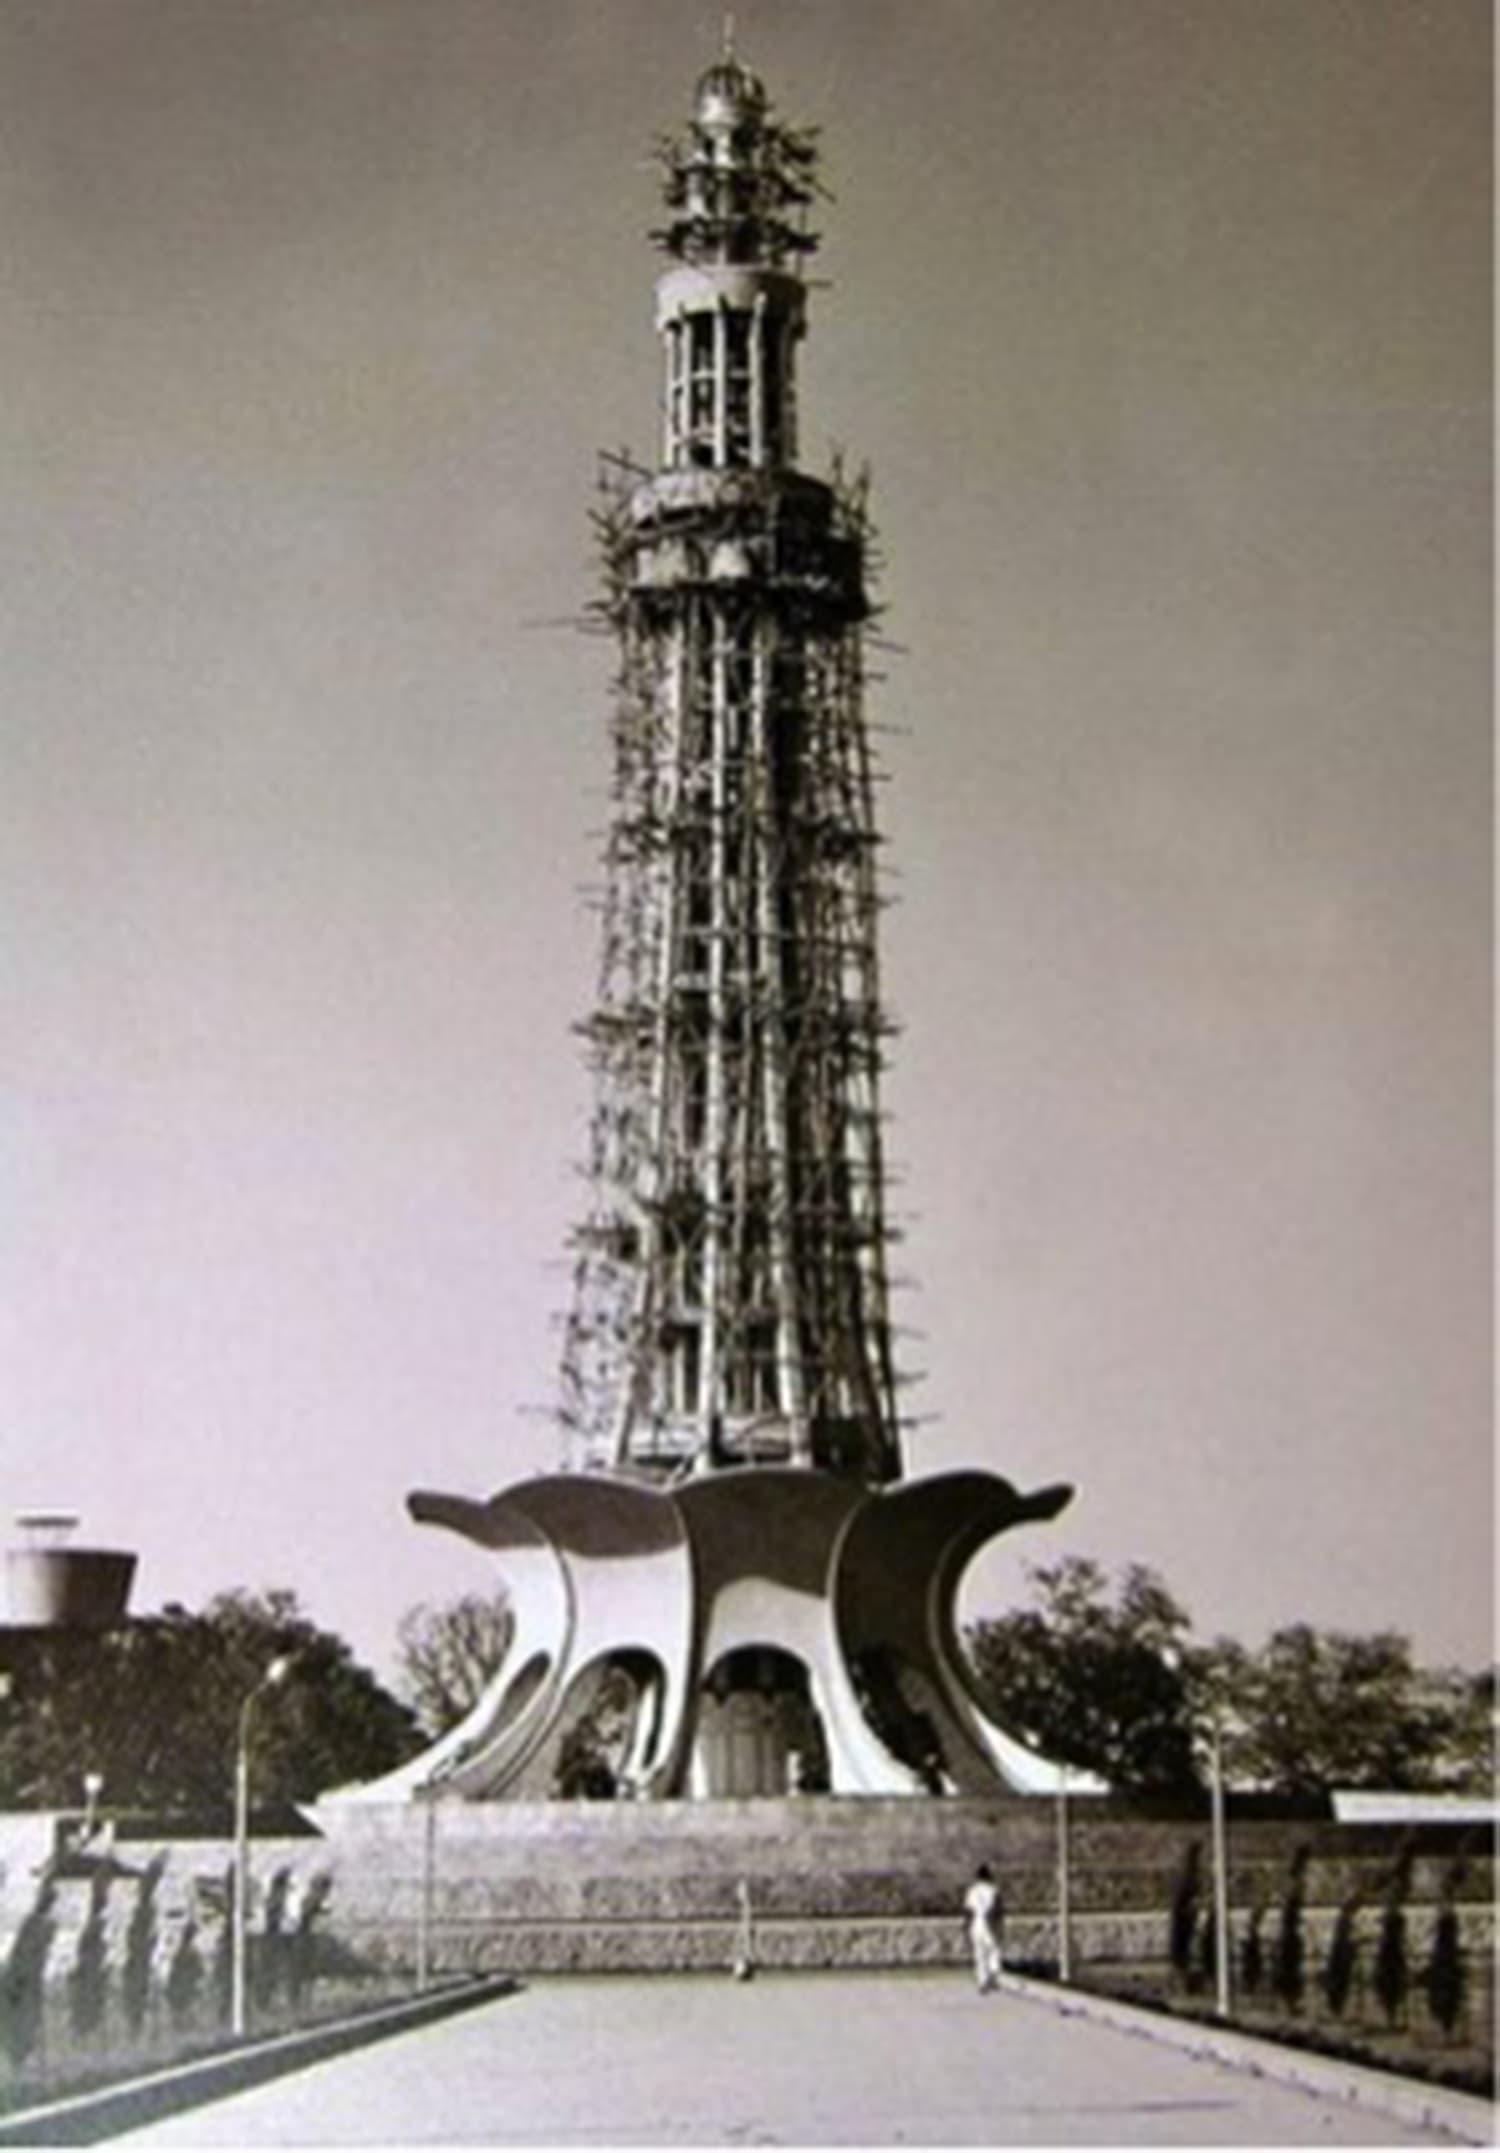 —تصویر:سٹیزین آرکائیوز آف پاکستان